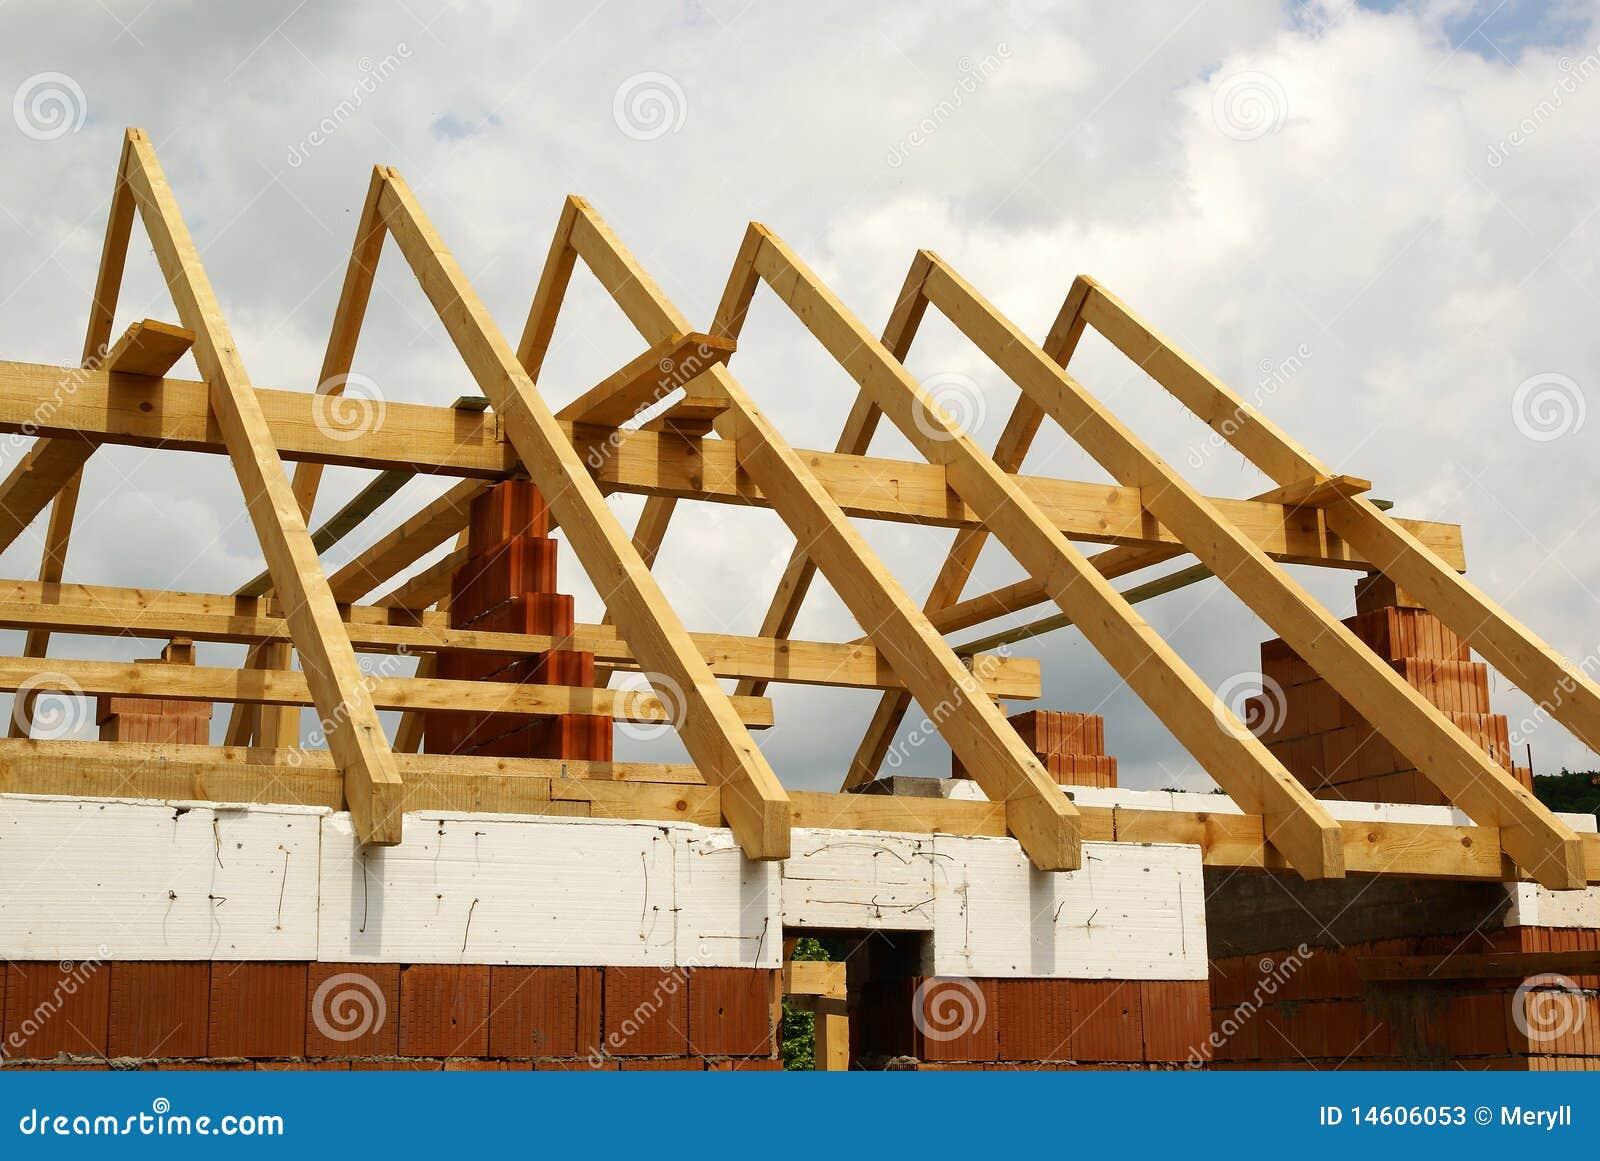 dachaufbau stockbild bild von oberseite sonnig rahmen 14606053. Black Bedroom Furniture Sets. Home Design Ideas